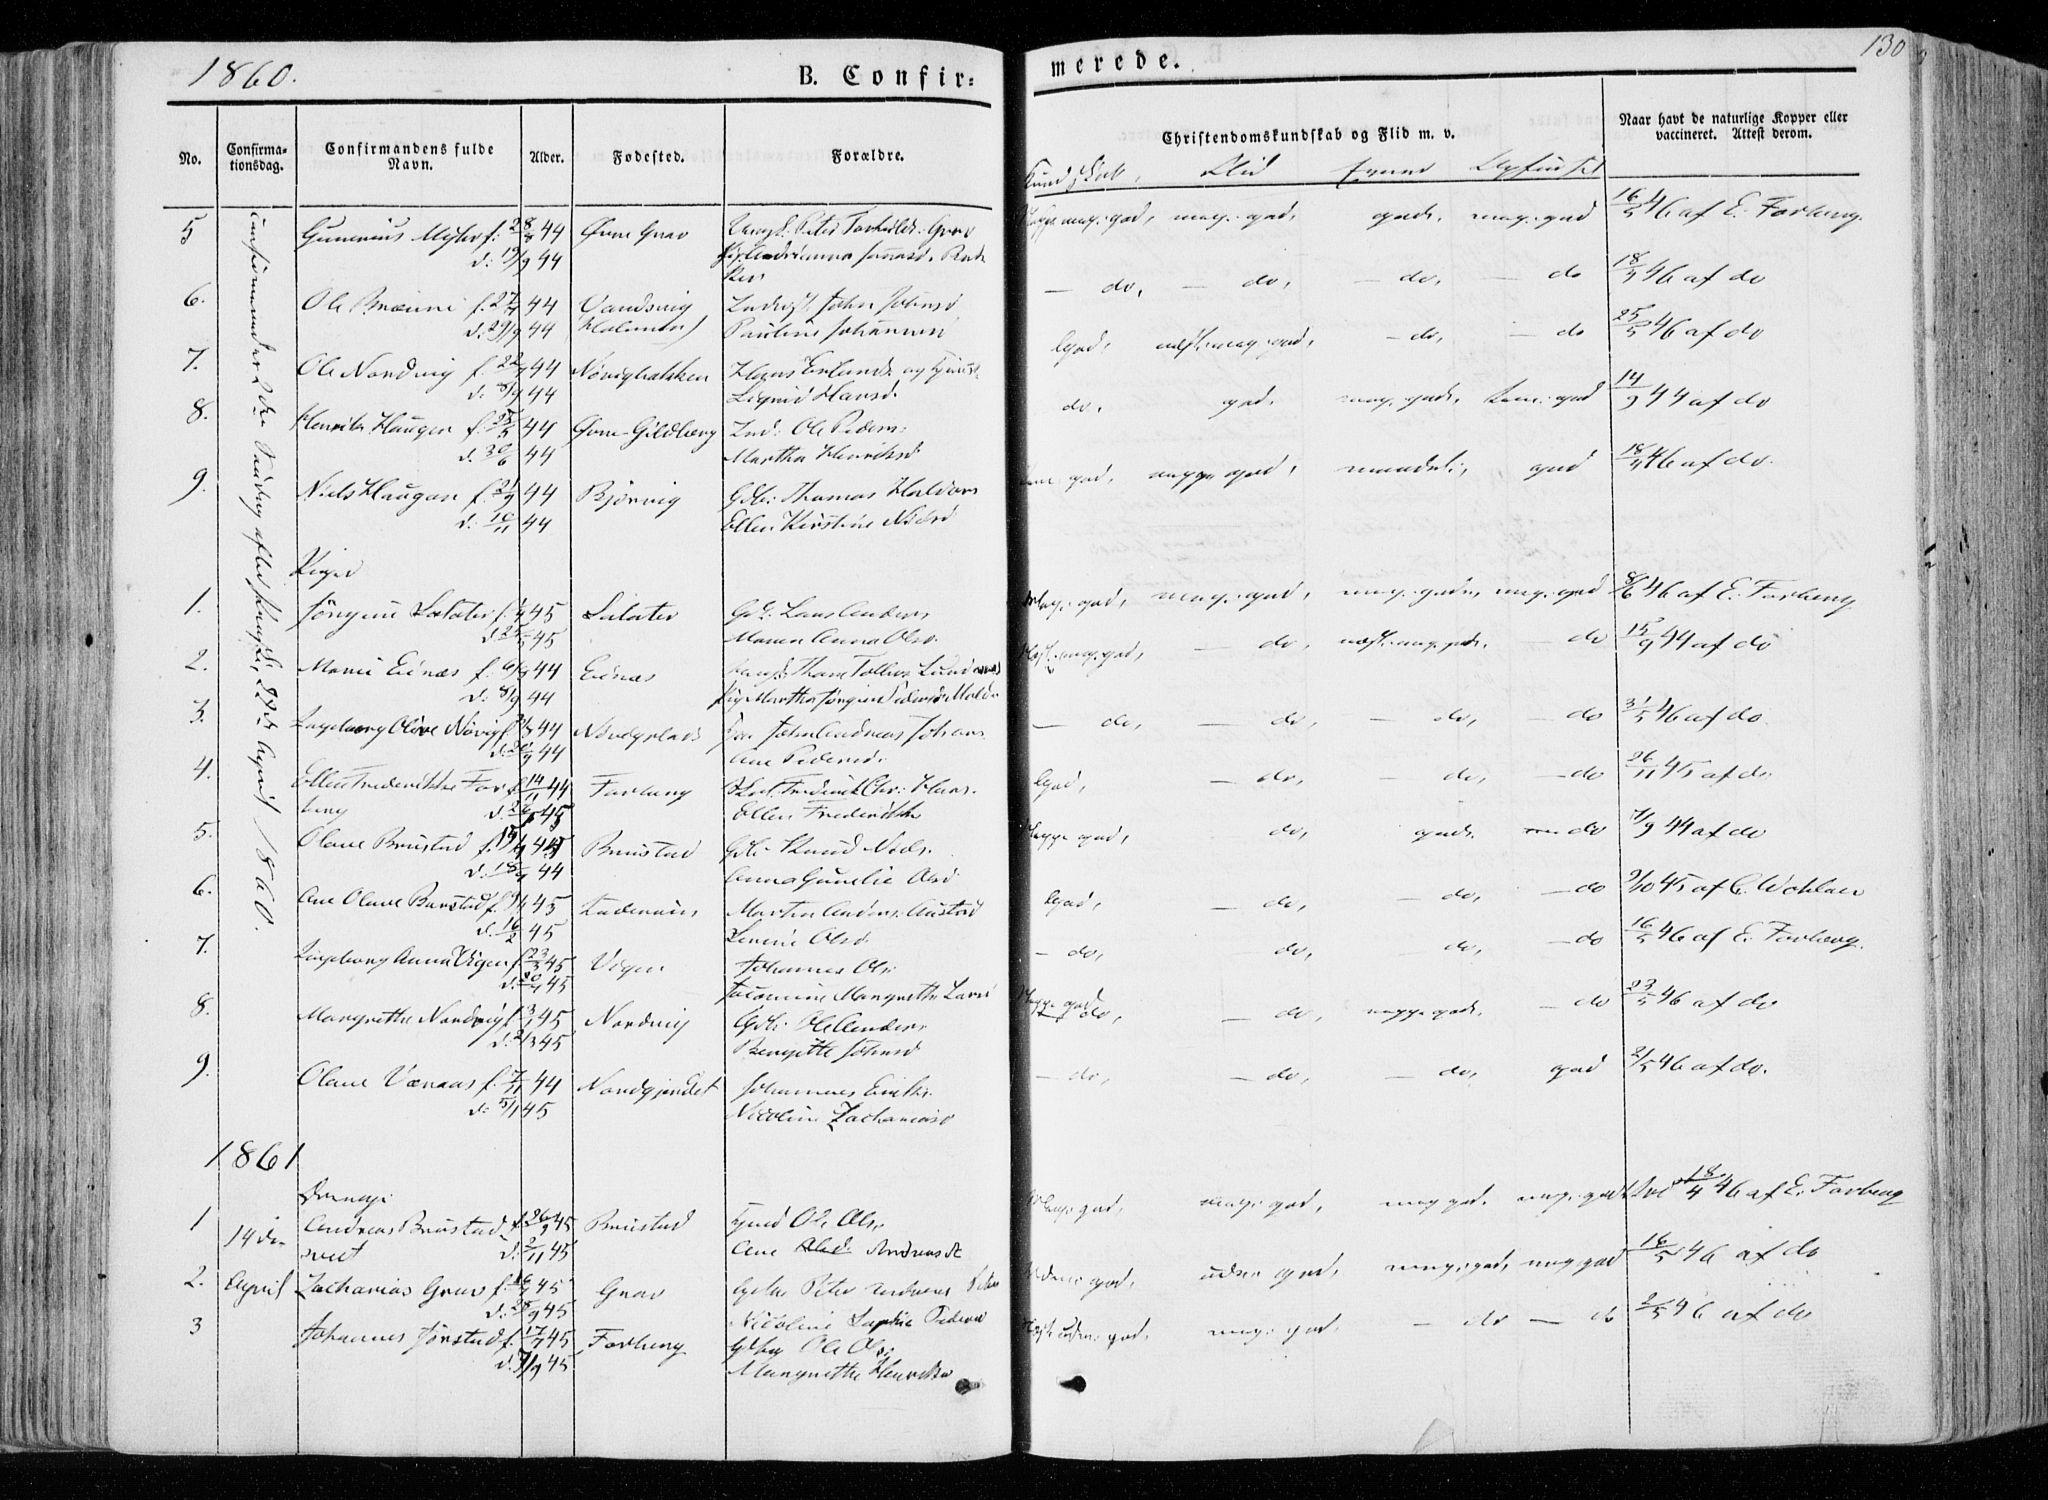 SAT, Ministerialprotokoller, klokkerbøker og fødselsregistre - Nord-Trøndelag, 722/L0218: Ministerialbok nr. 722A05, 1843-1868, s. 130